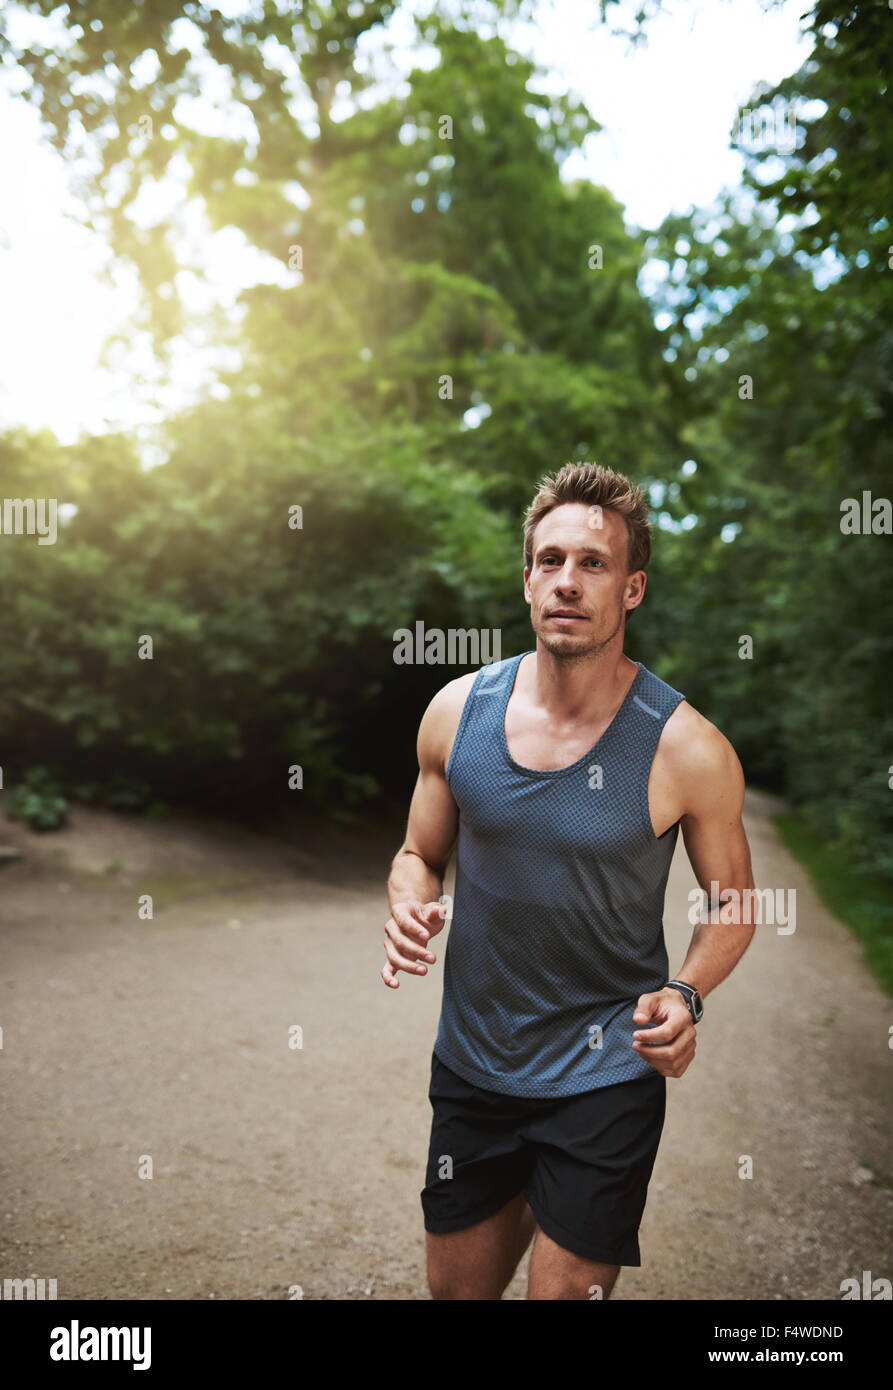 Montare atletico pareggiatore maschio in esecuzione attraverso un parco boscoso verso la telecamera con un aspetto Immagini Stock